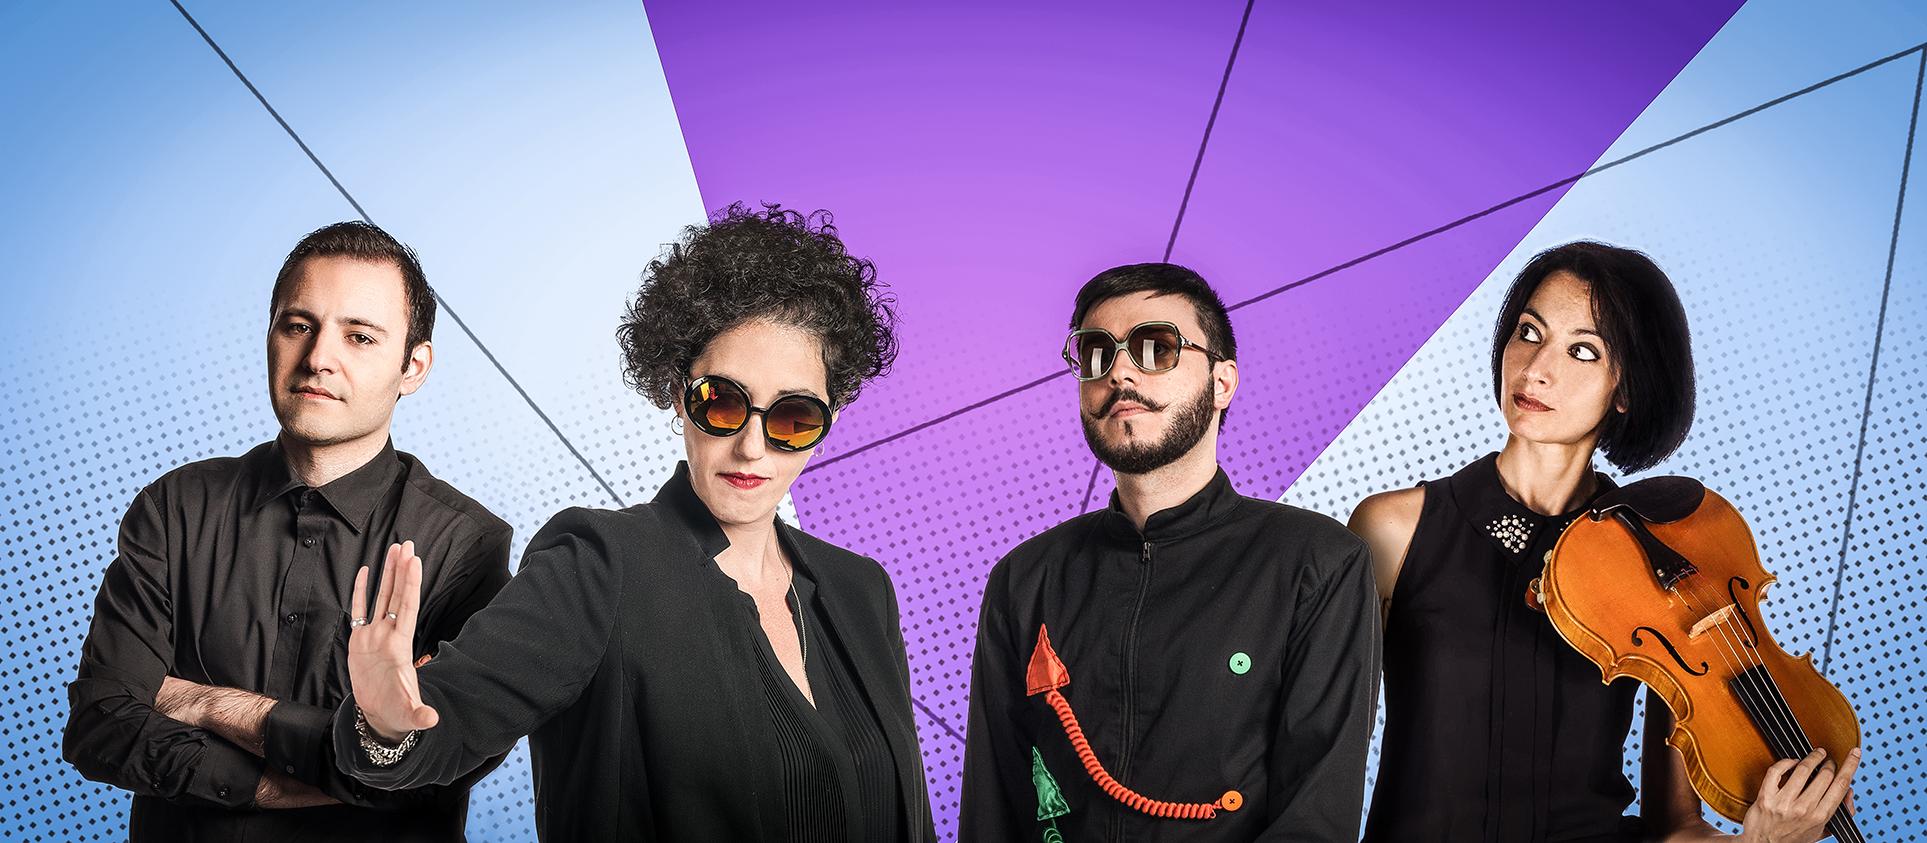 Vidra La fine delle comunicazioni Banner Technopop Francesco Frencio Fecondo Antonella Giga Gigantino Michela Coppola